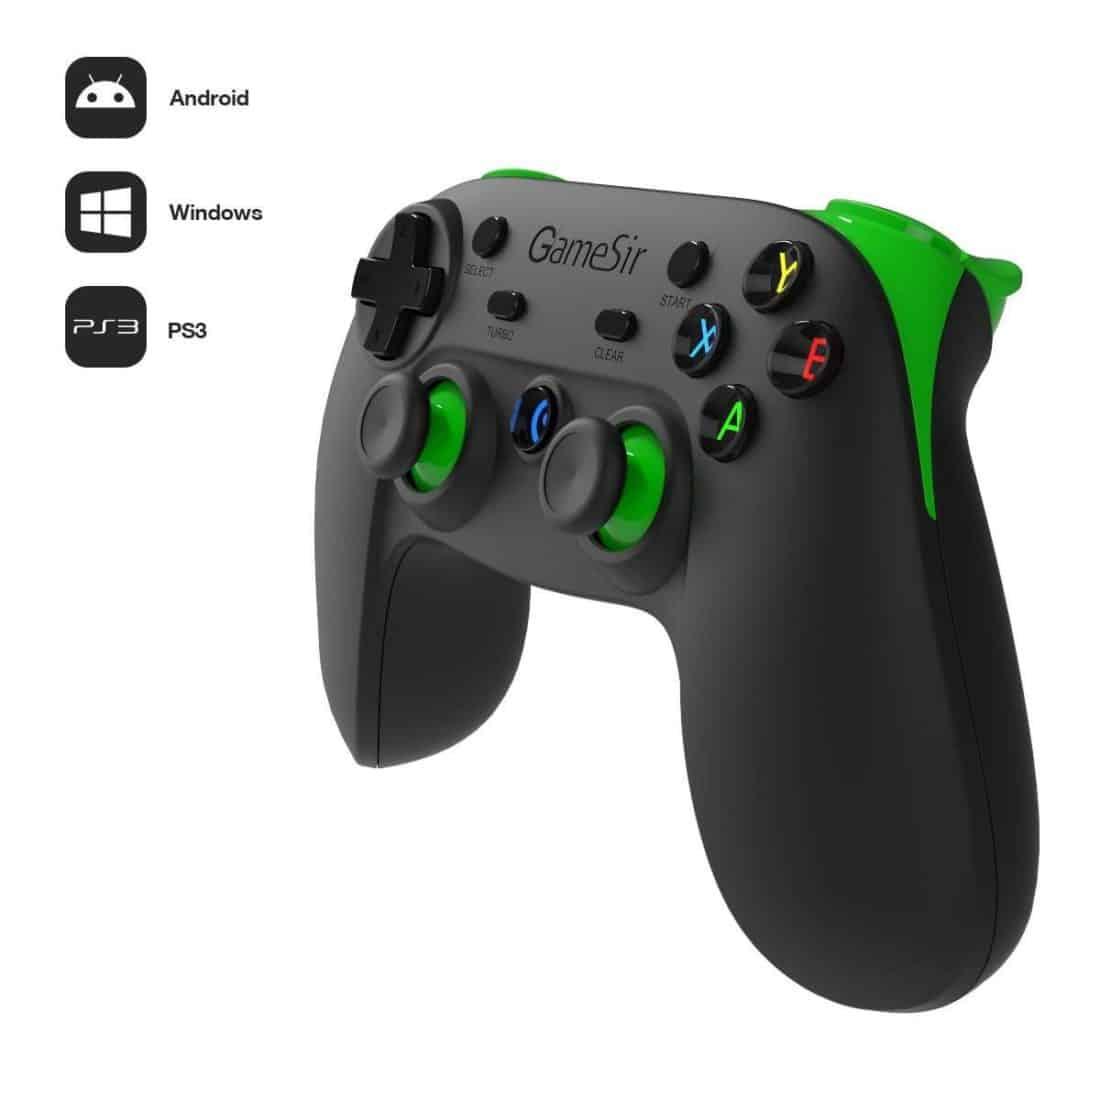 gamesir g3s manette bluetooth sans fil pour pc ps3 vr tv smartphones tablettes. Black Bedroom Furniture Sets. Home Design Ideas